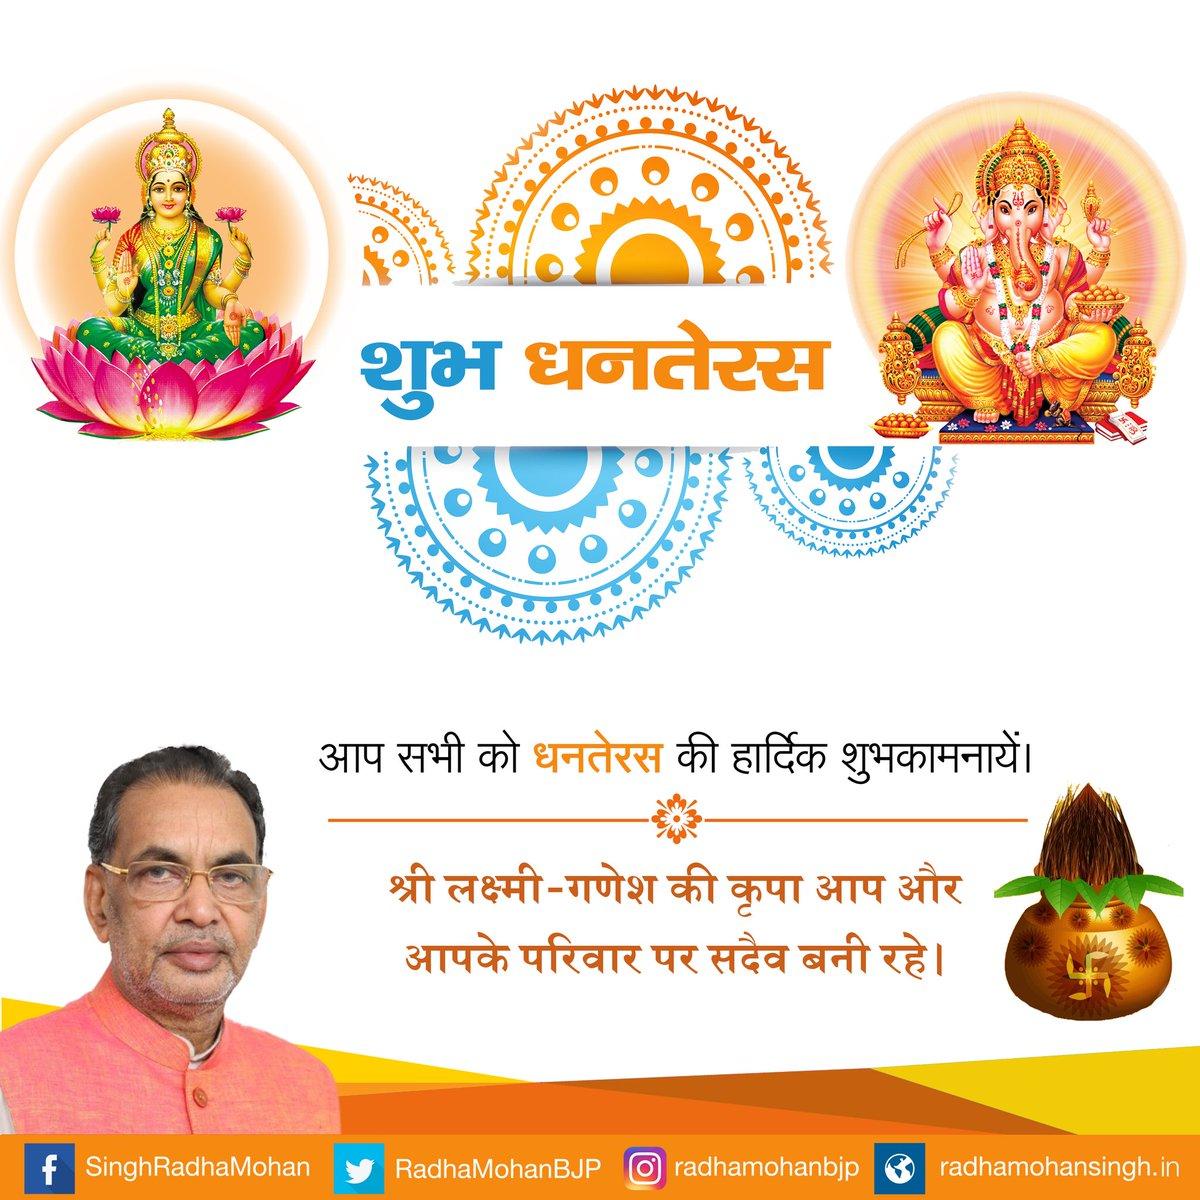 आप सभी को #धनतेरस  की हार्दिक शुभकामनायें। #Dhanteras https://t.co/rmY...